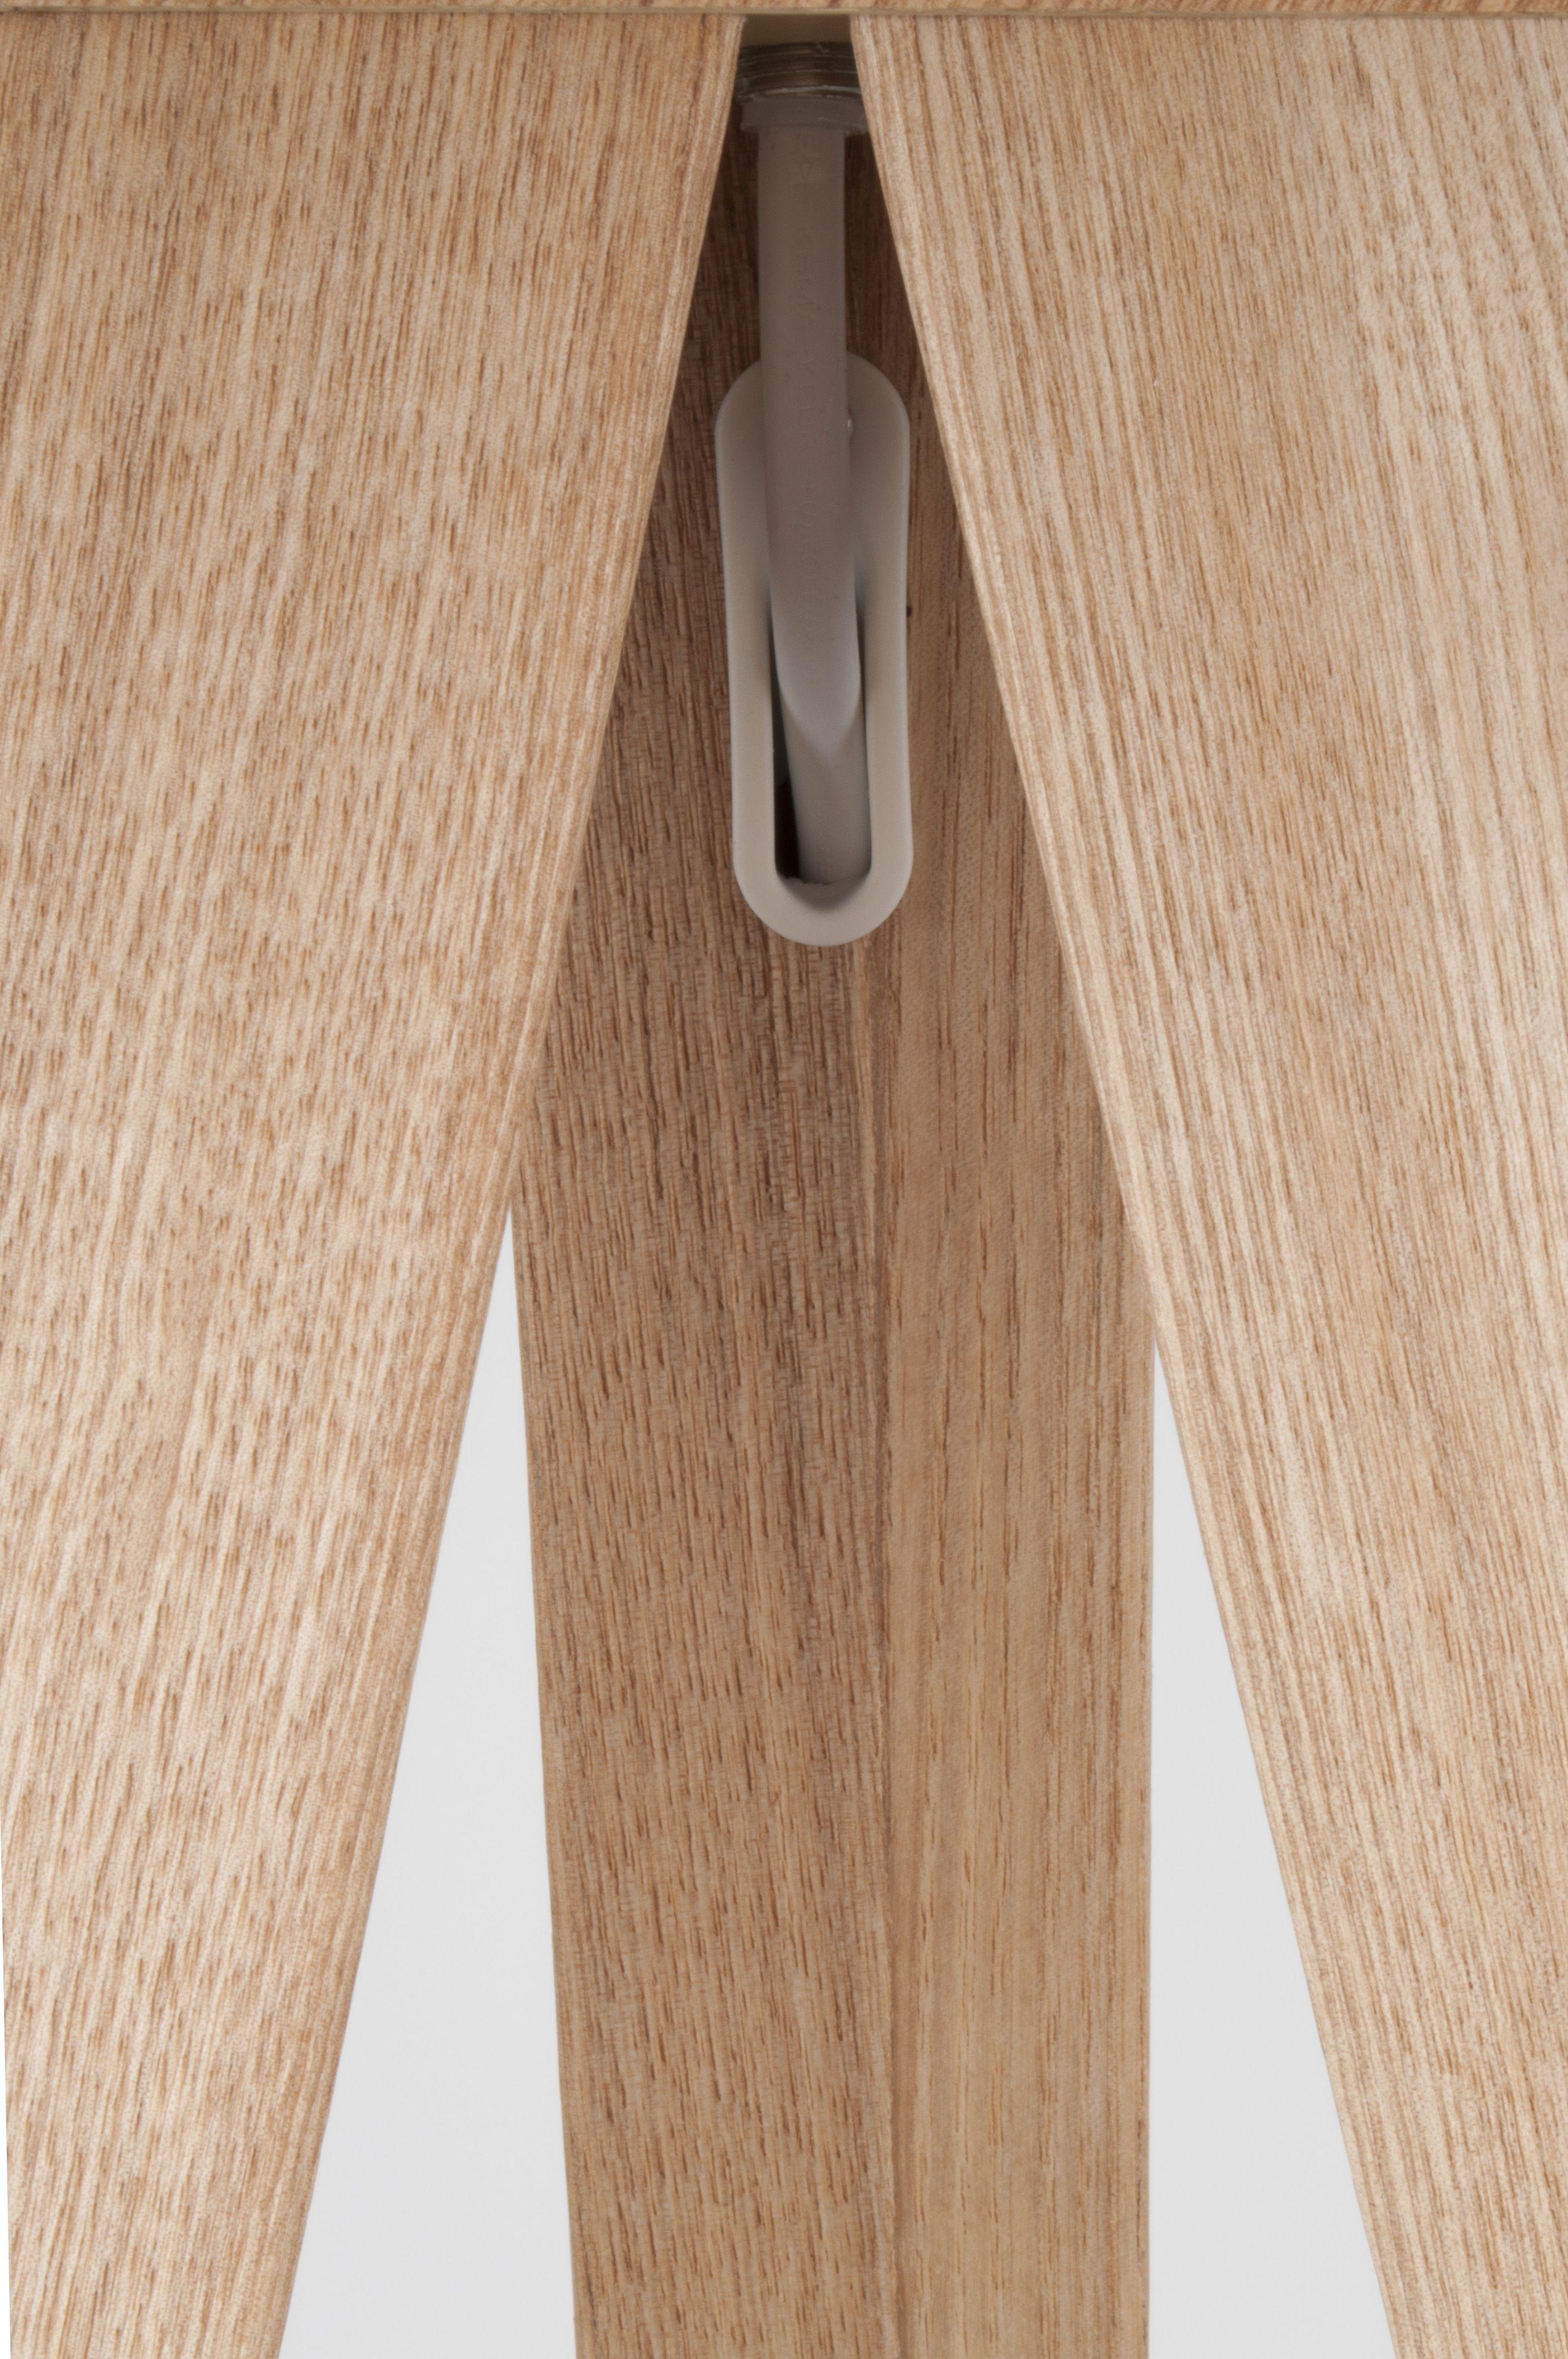 Zuiver - Tripod Wood Gulvlampe - Hvid - Hvid gulvlampe i træfiner